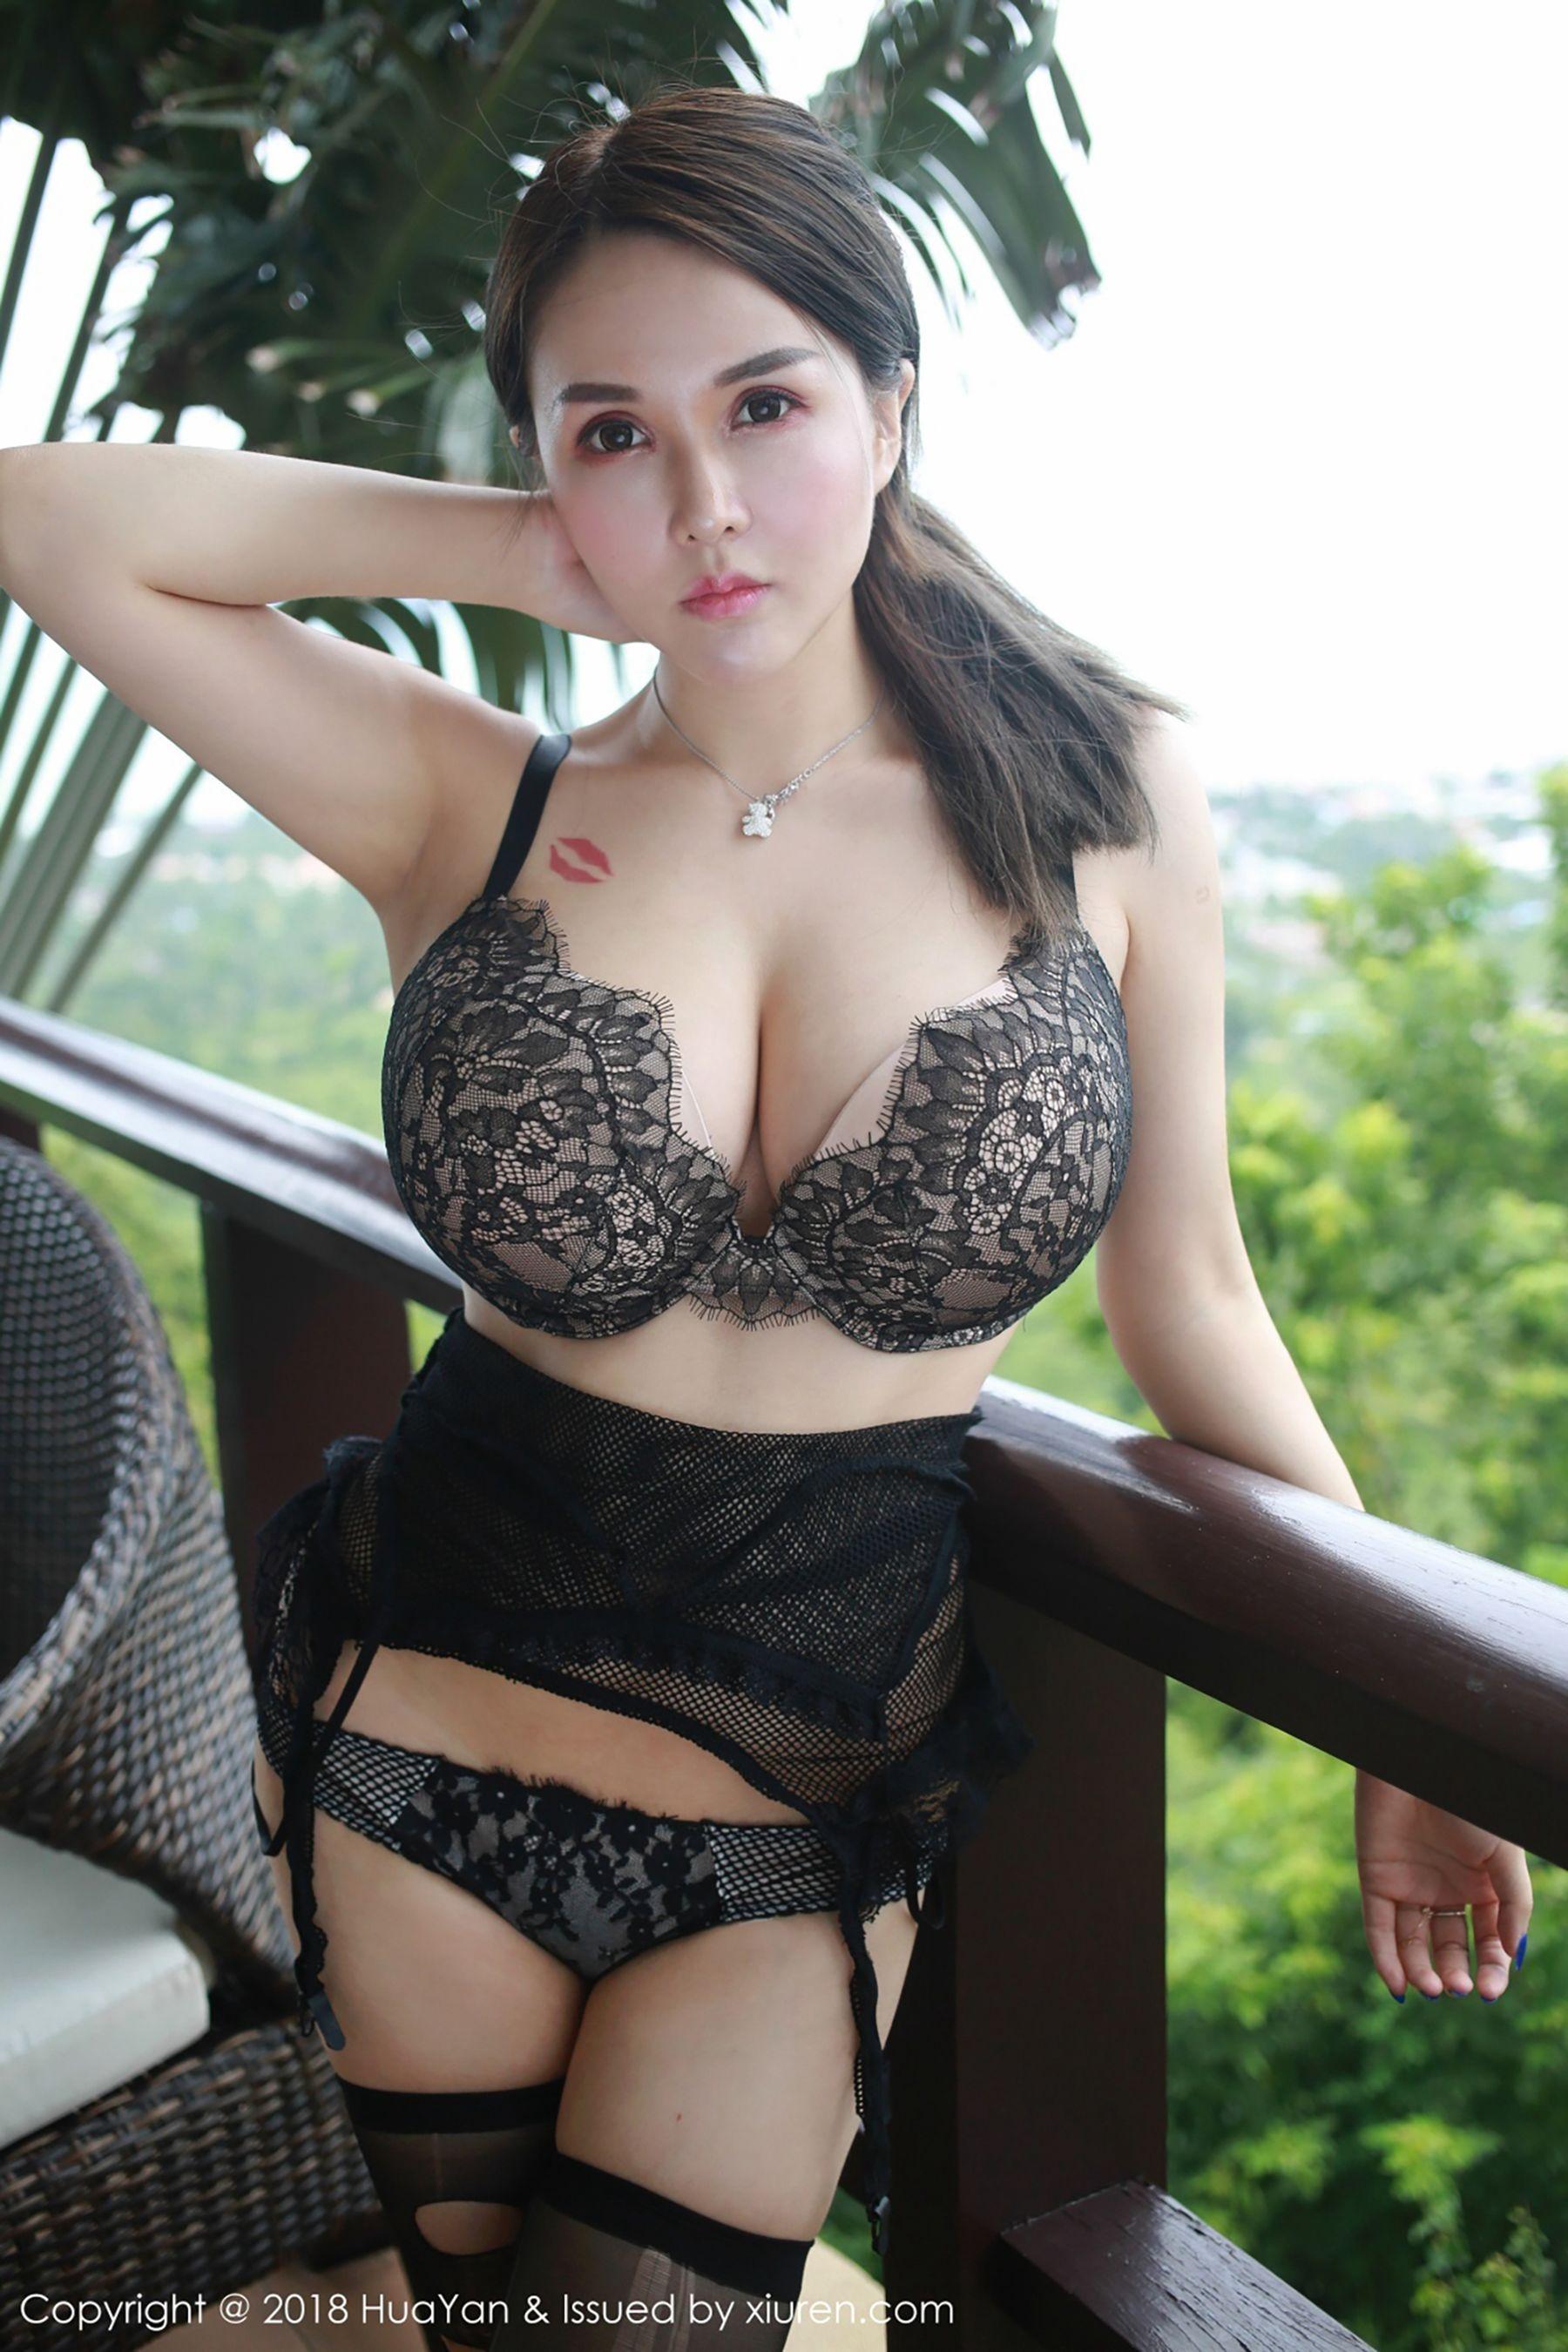 [花の颜]沈蜜桃(沈蜜桃off)Vol.061超高清写真大图片(40P)|30热度